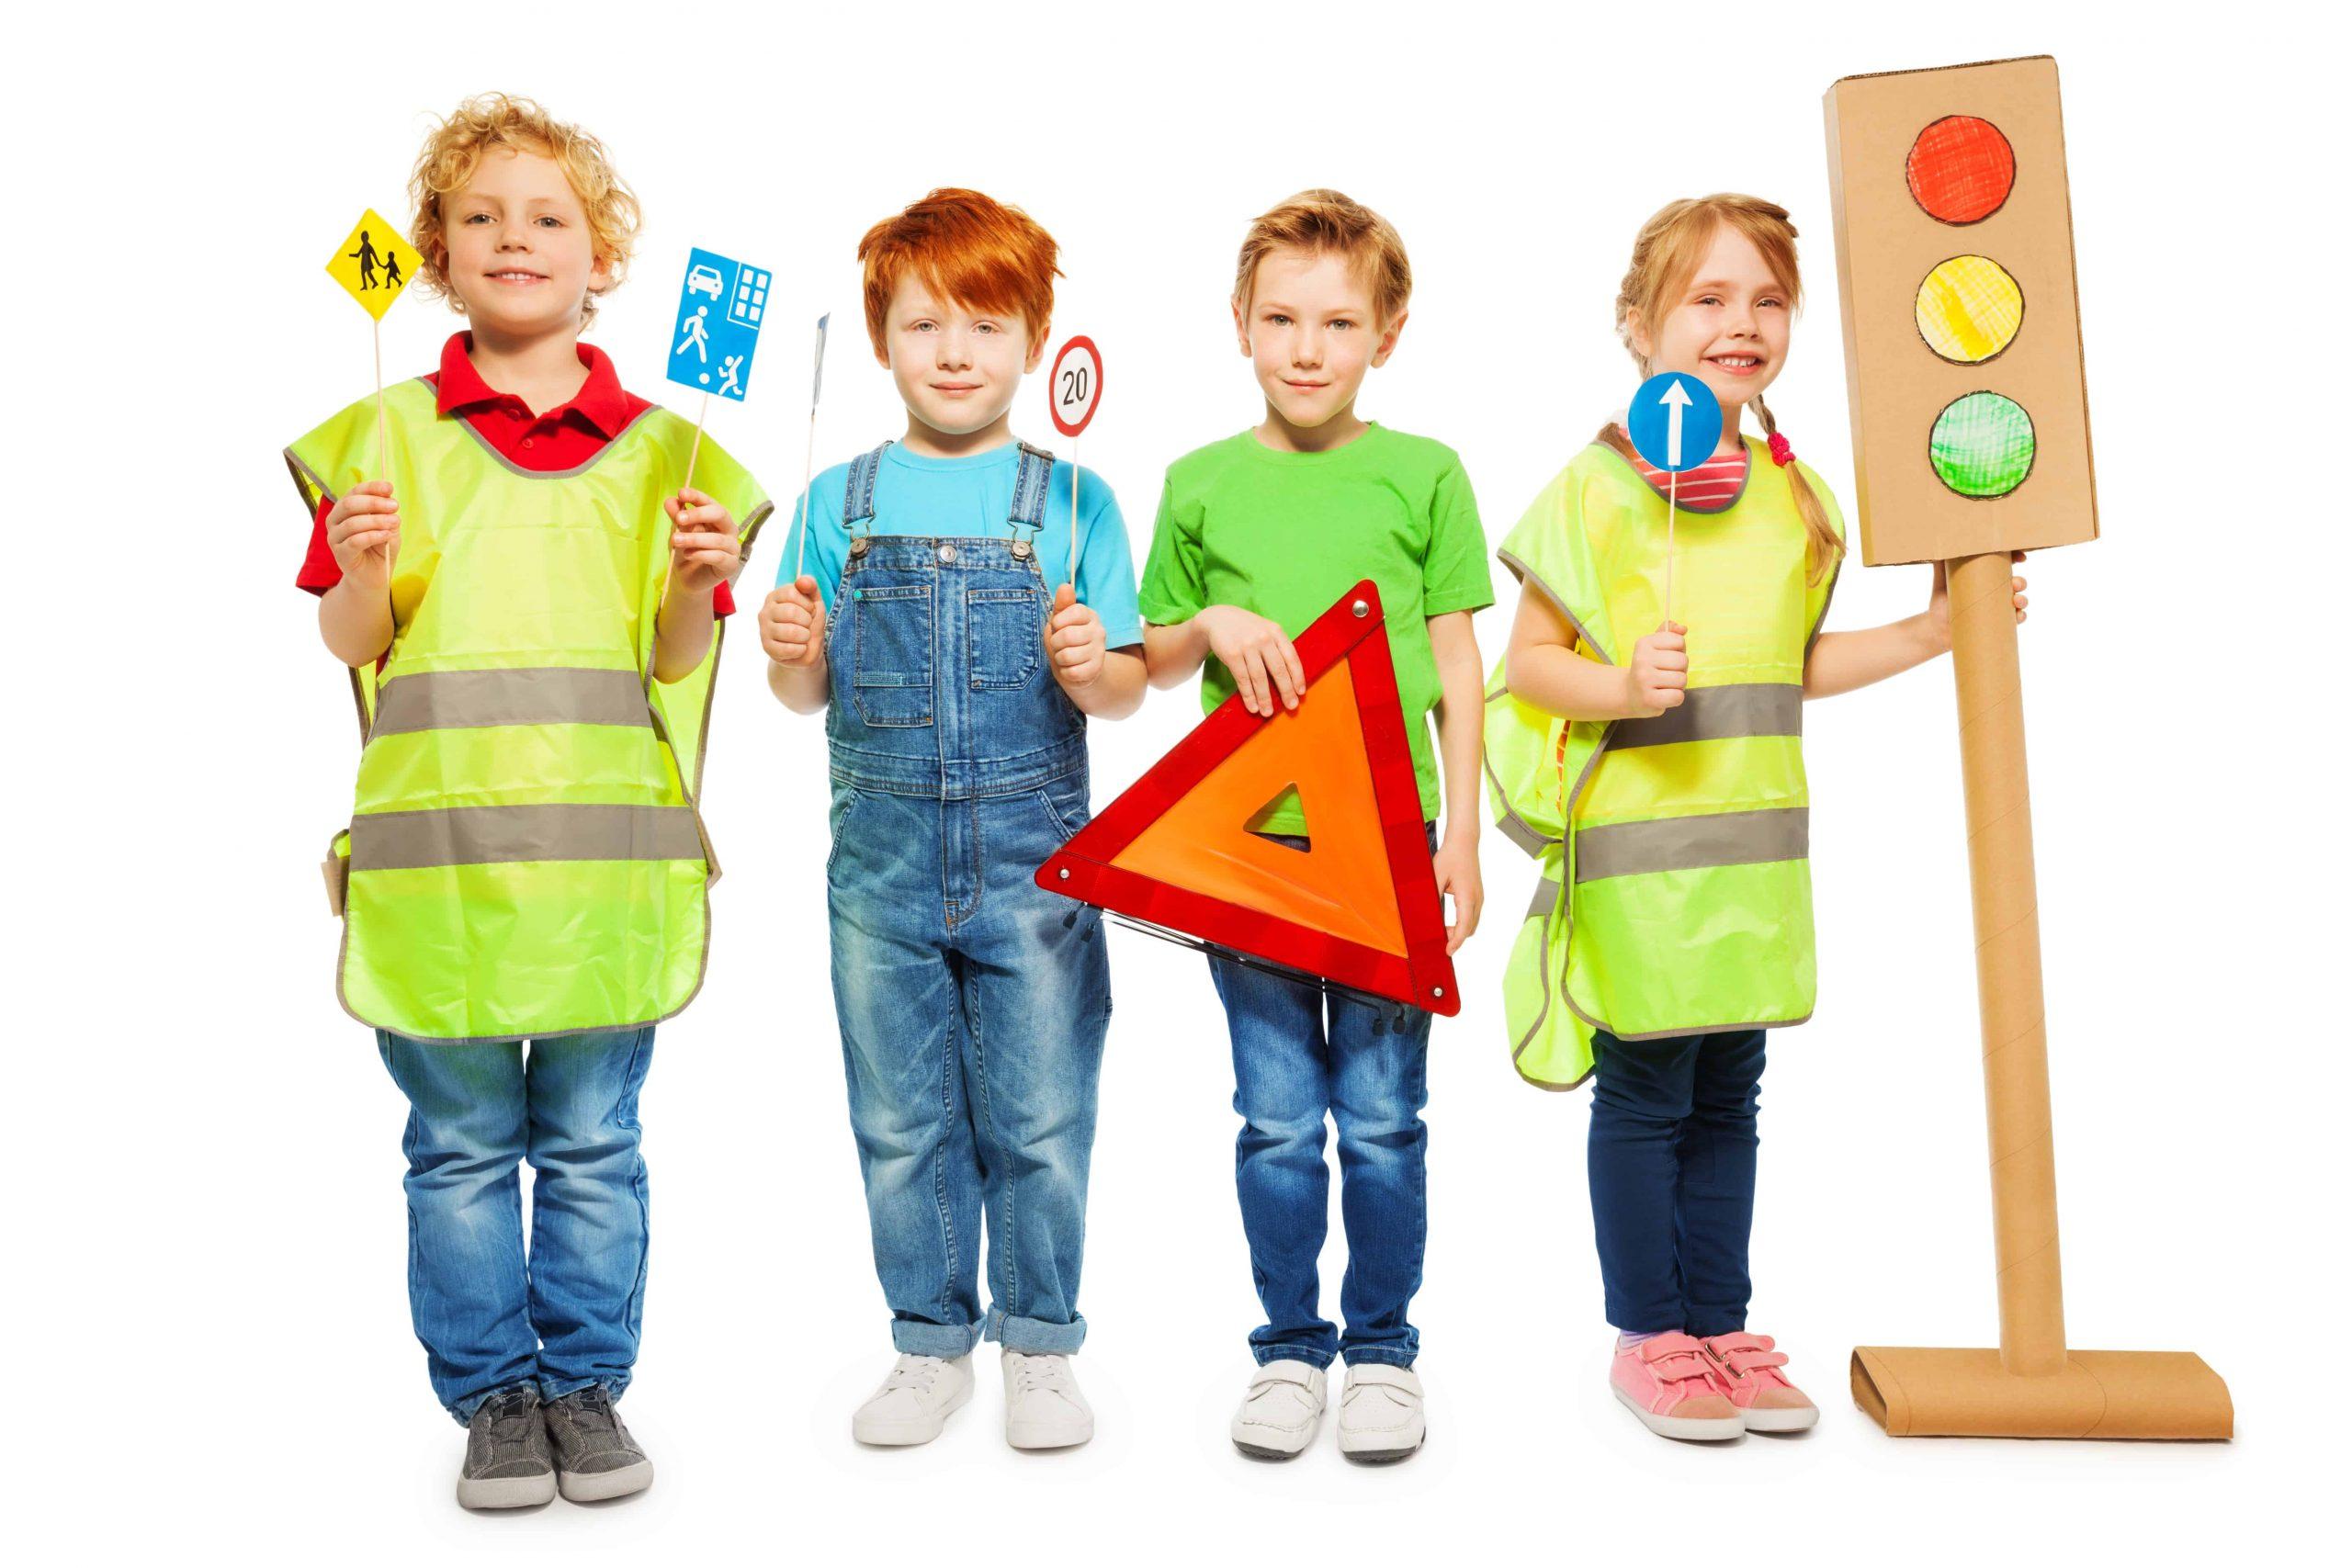 Kinderwarnweste: Test & Empfehlungen (02/20)